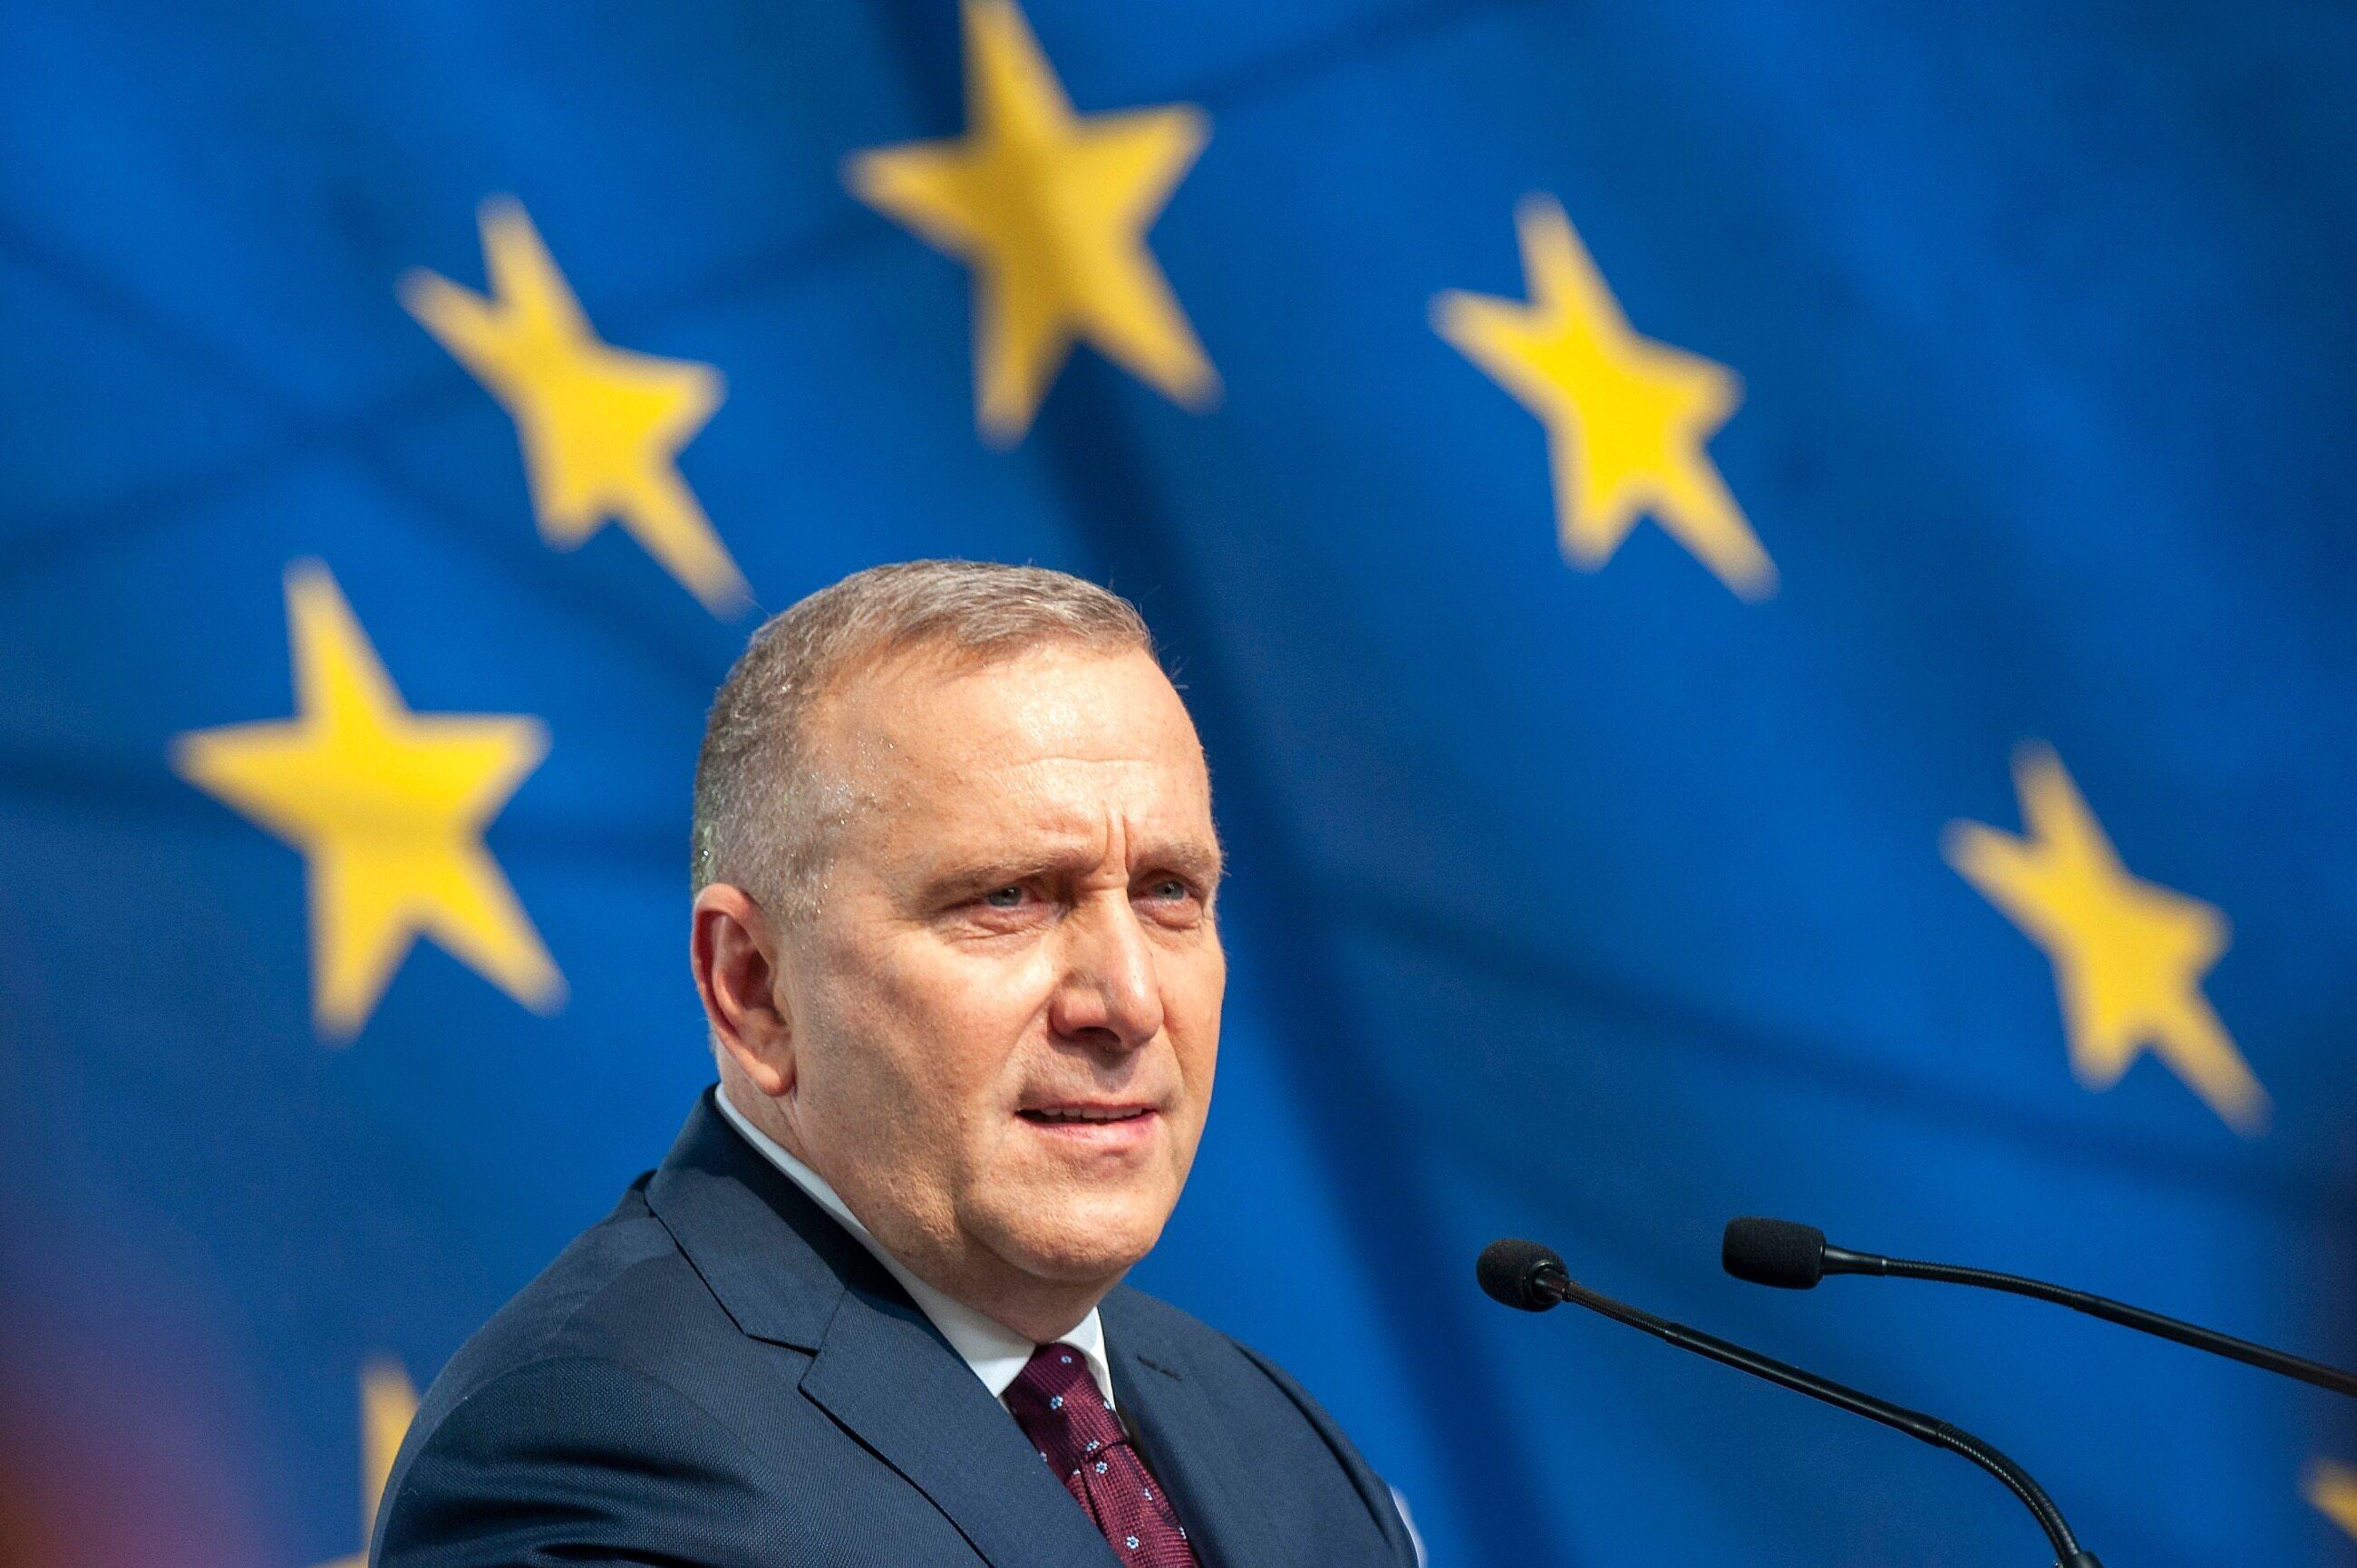 Koalicja Europejska zaprezentowała hasło na nadchodzące wybory do PE. Jak brzmi?